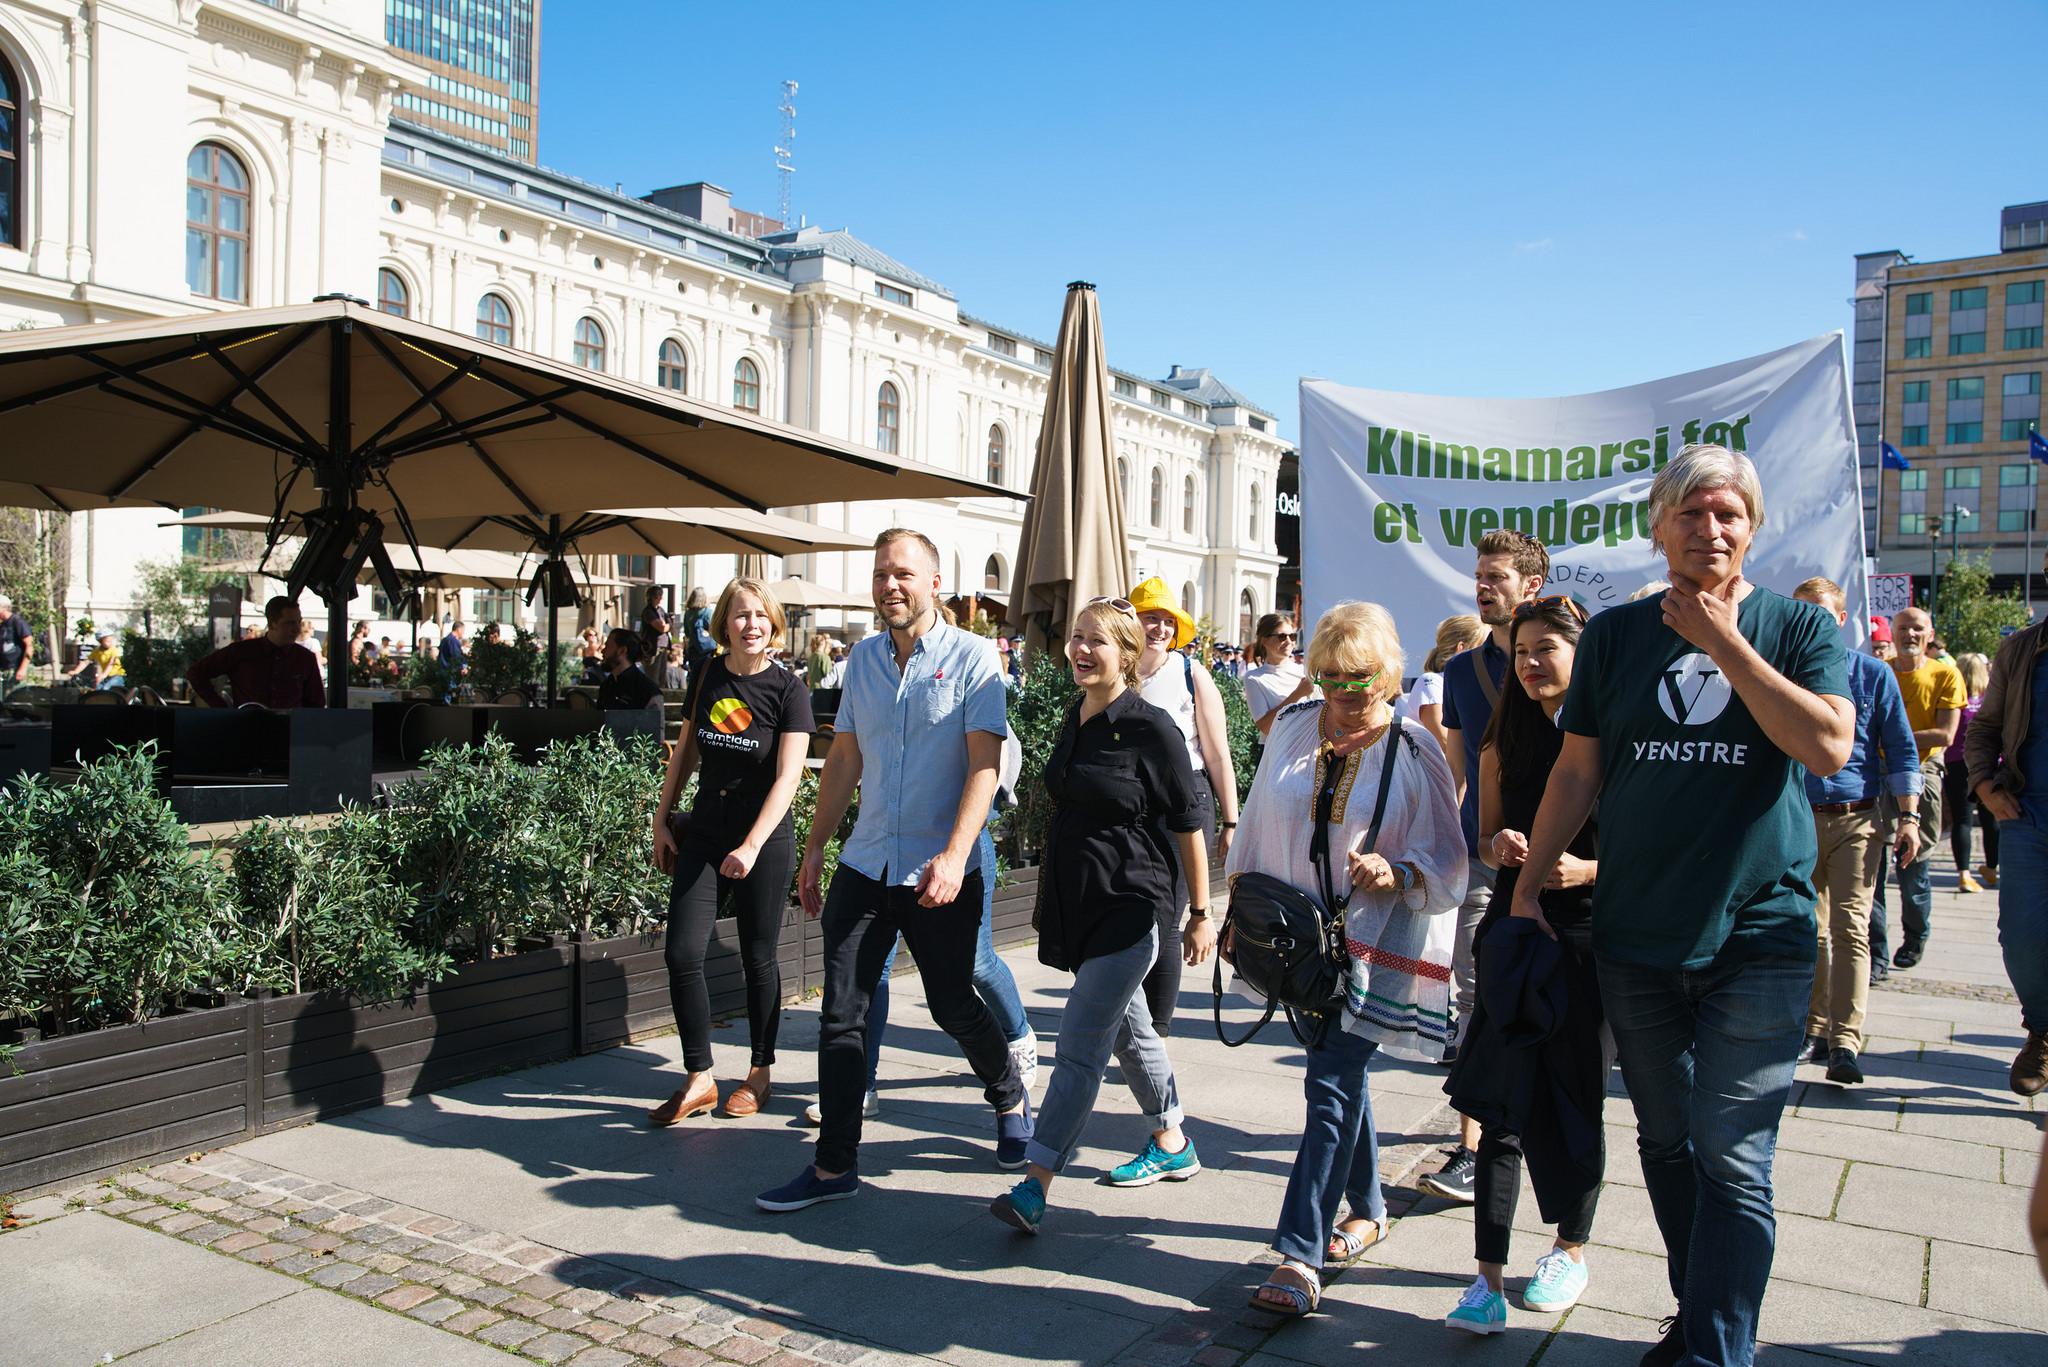 Leiande politikarar frå MDG, SV, Raudt og Venstre på klimamarsj i Oslo sentrum.